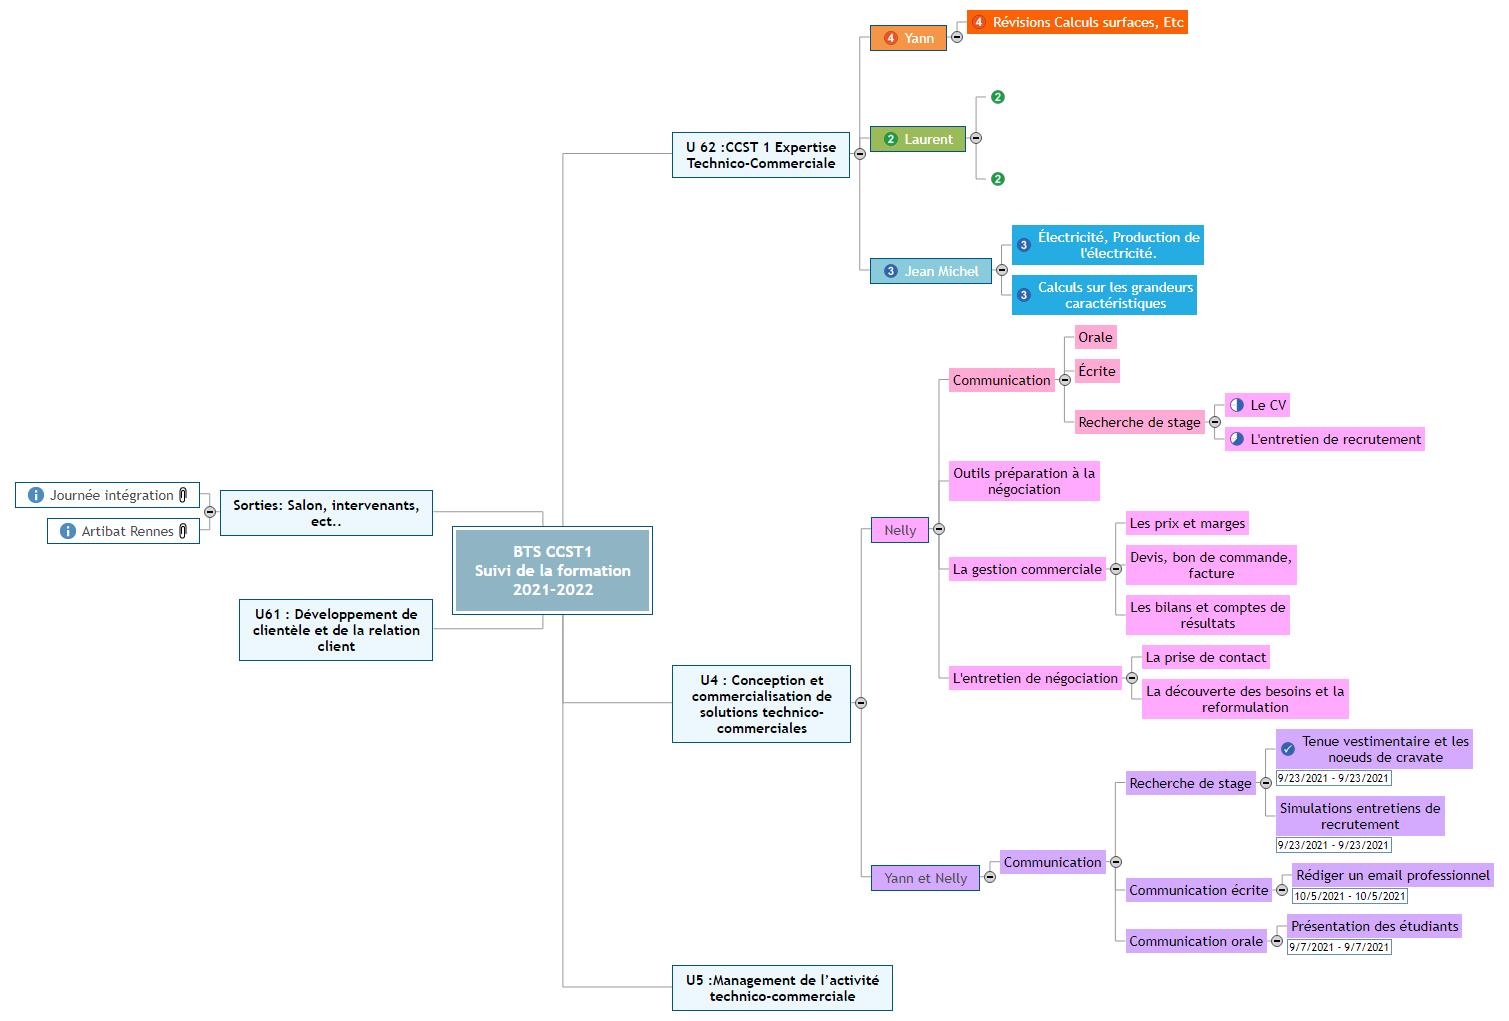 Plan de formation BTS 1 CCST 2021-2022 Mind Maps